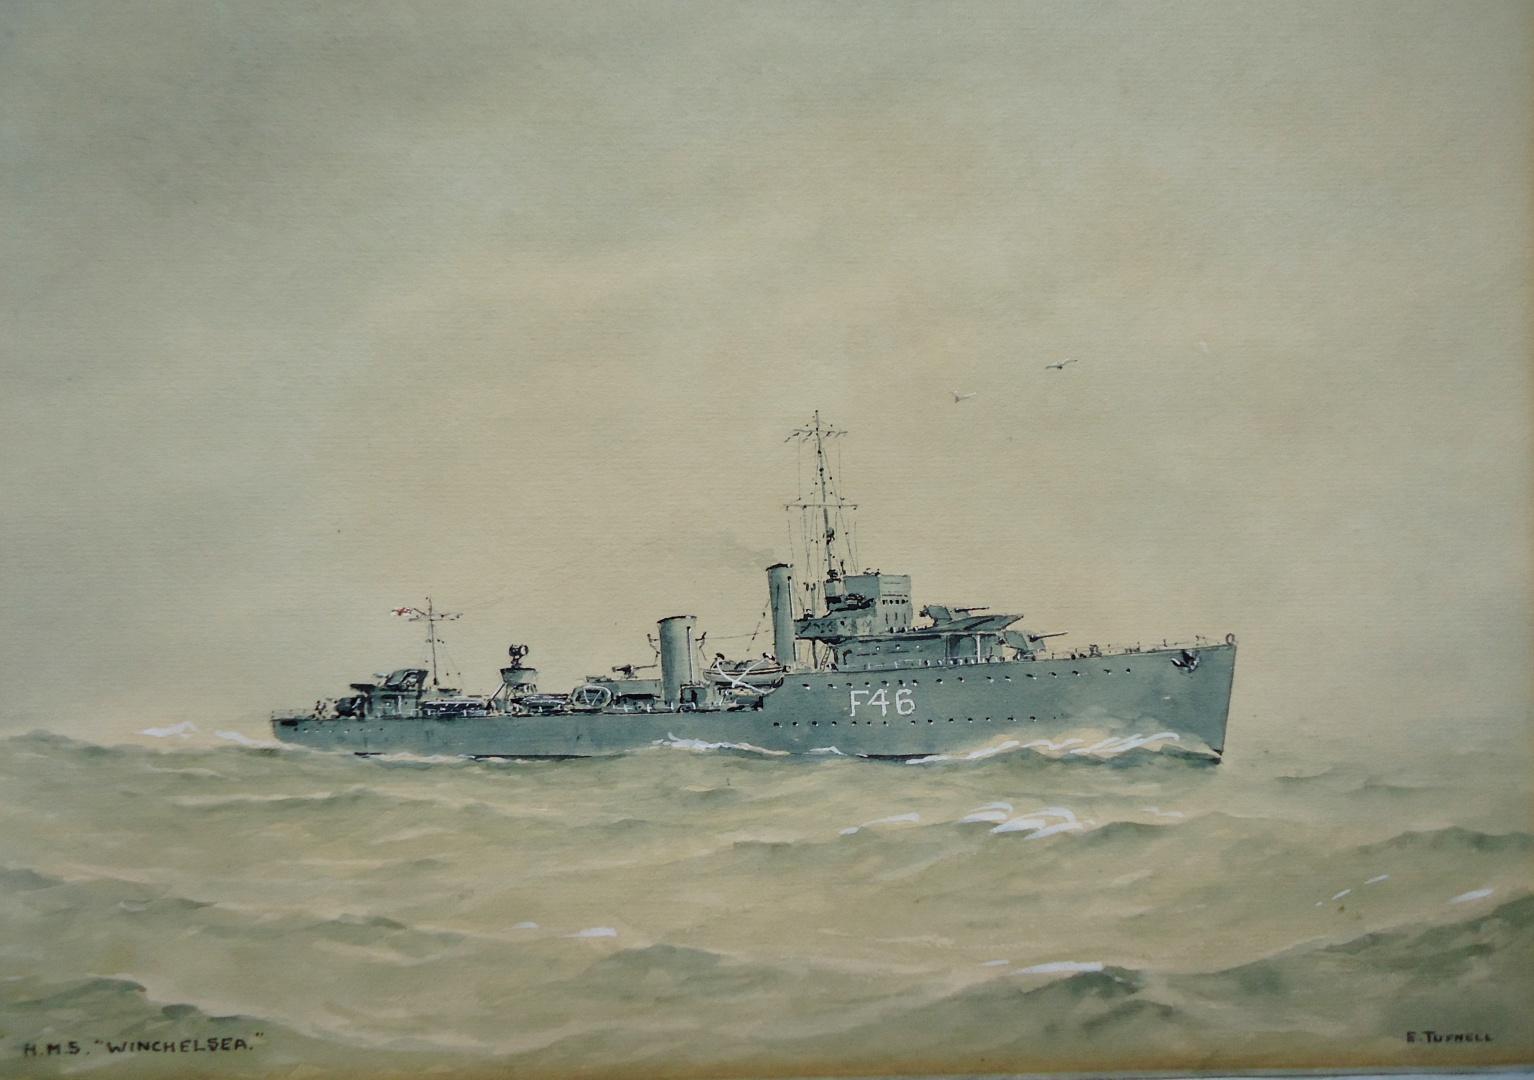 HMS WINCHELSEA